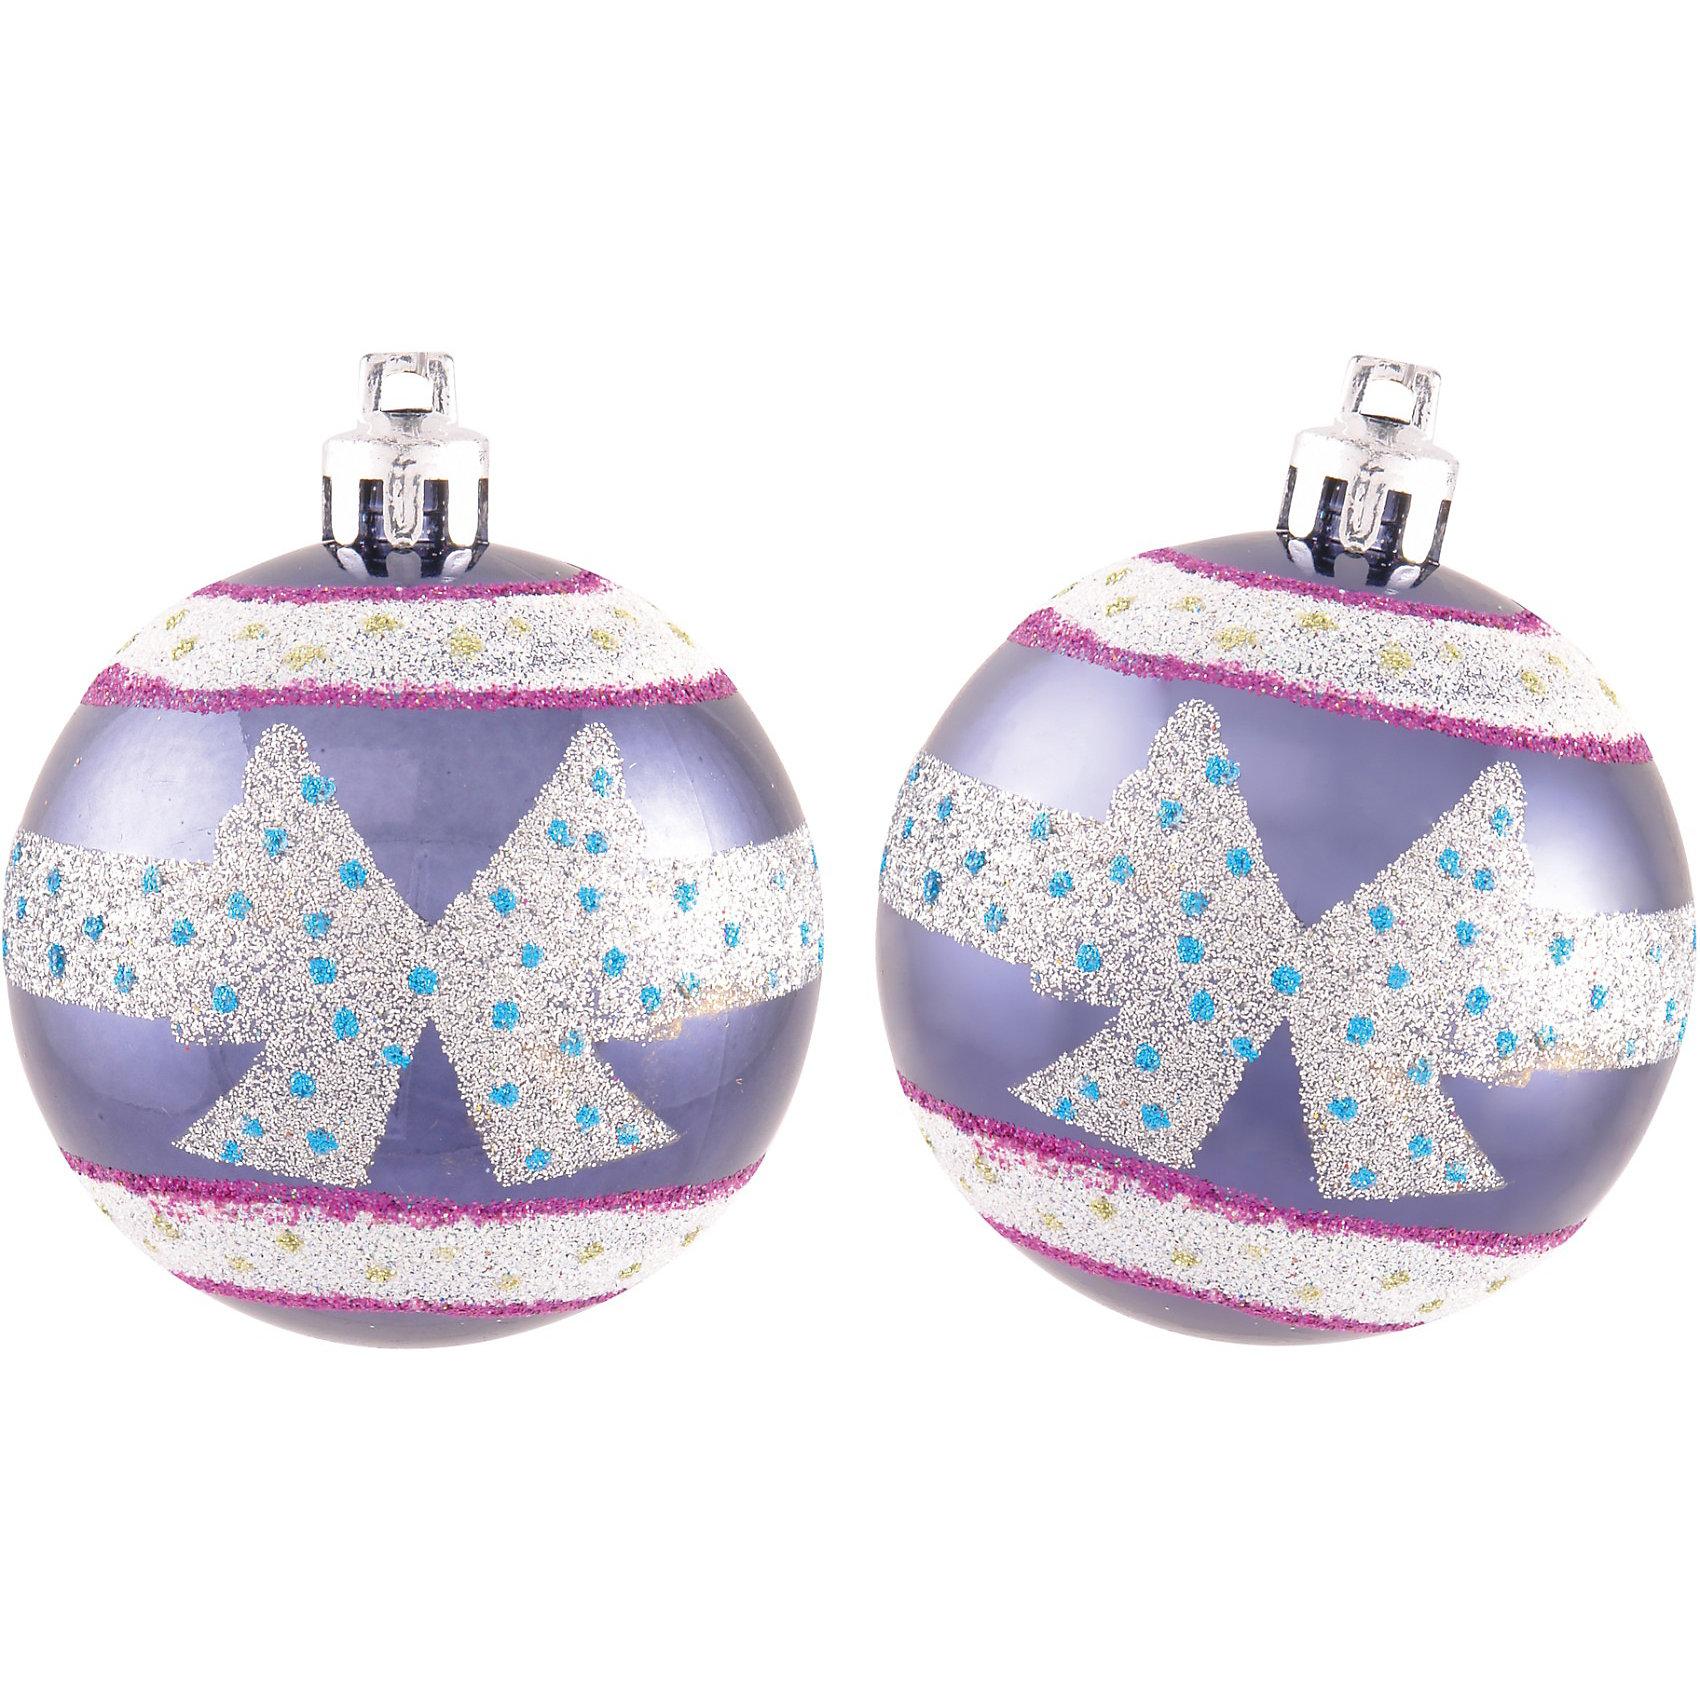 Шары с рисунком, 6 см, 6 шт., цвет - синий + сереброШары с рисунком, Волшебная страна станут замечательным украшением для Вашей новогодней елки и помогут создать праздничную волшебную атмосферу. В комплекте шесть<br>синих шаров, украшенных серебристыми узорами, они будут чудесно смотреться на елке и радовать детей и взрослых. Шары упакованы в прозрачную коробочку из ПВХ.<br><br>Дополнительная информация:<br><br>- Цвет: синий + серебро.<br>- В комплекте: 6 шт.<br>- Диаметр шара: 6 см.<br>- Размер упаковки: 17,5 x 11,5 x 5,7 см.<br>- Вес: 89 гр.<br><br>Шары с рисунком, Волшебная страна, можно купить в нашем интернет-магазине.<br><br>Ширина мм: 370<br>Глубина мм: 120<br>Высота мм: 60<br>Вес г: 89<br>Возраст от месяцев: 60<br>Возраст до месяцев: 180<br>Пол: Унисекс<br>Возраст: Детский<br>SKU: 3791386